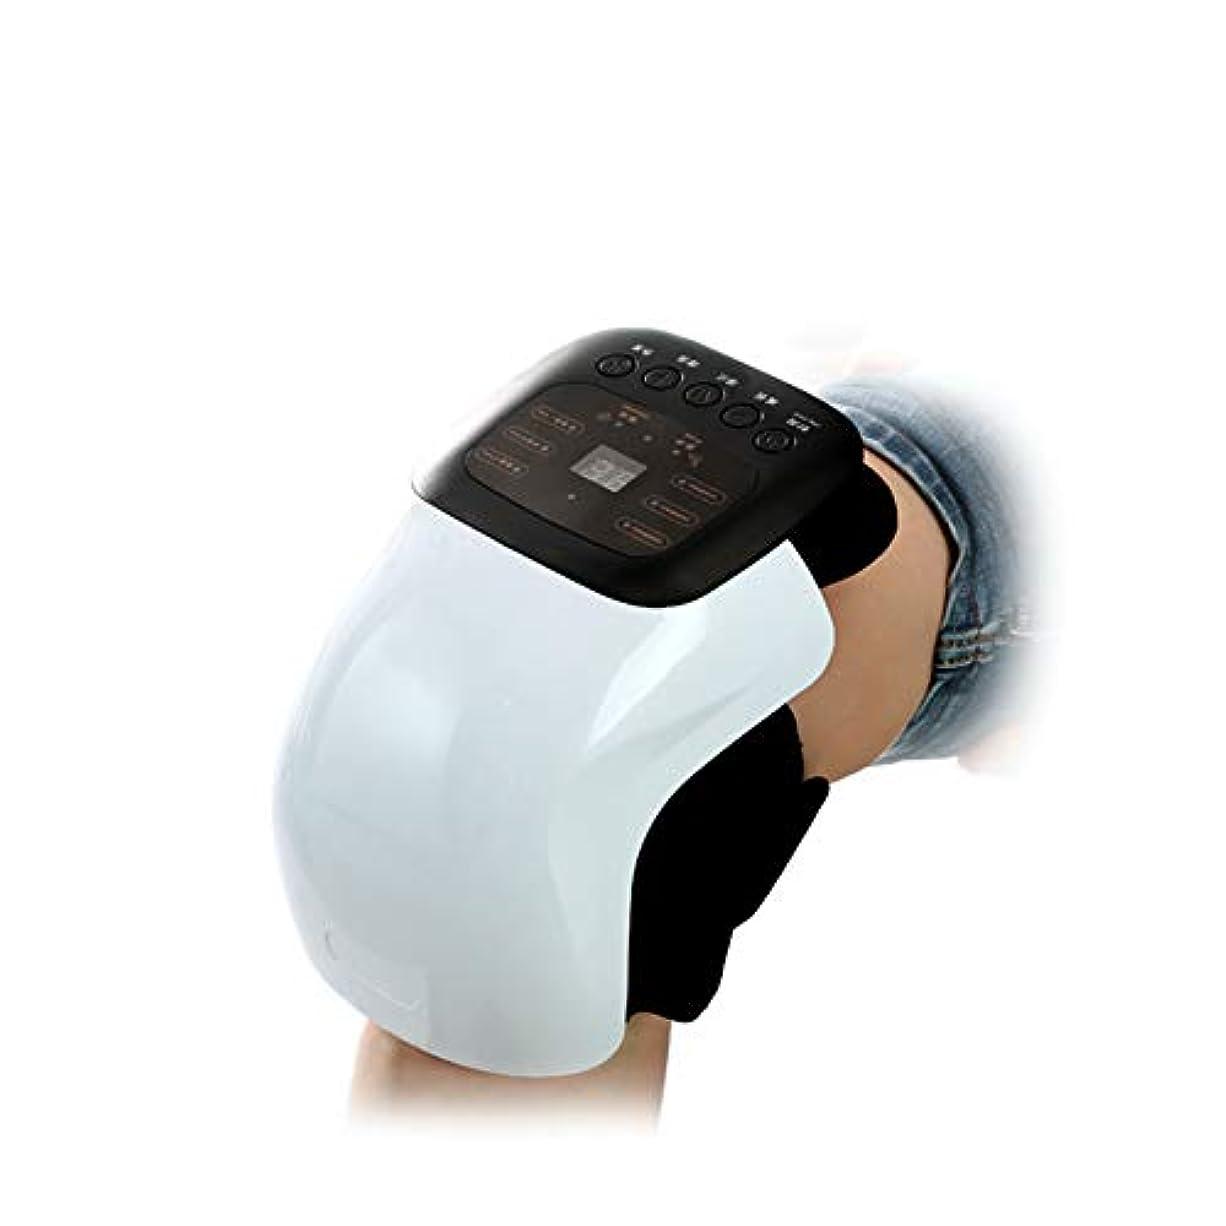 提供残る悲しいことに変形性関節症リウマチ関節炎、電気痛緩和ケア用品のためのパルス、振動、加熱を伴うスマートニー理学療法マッサージ器